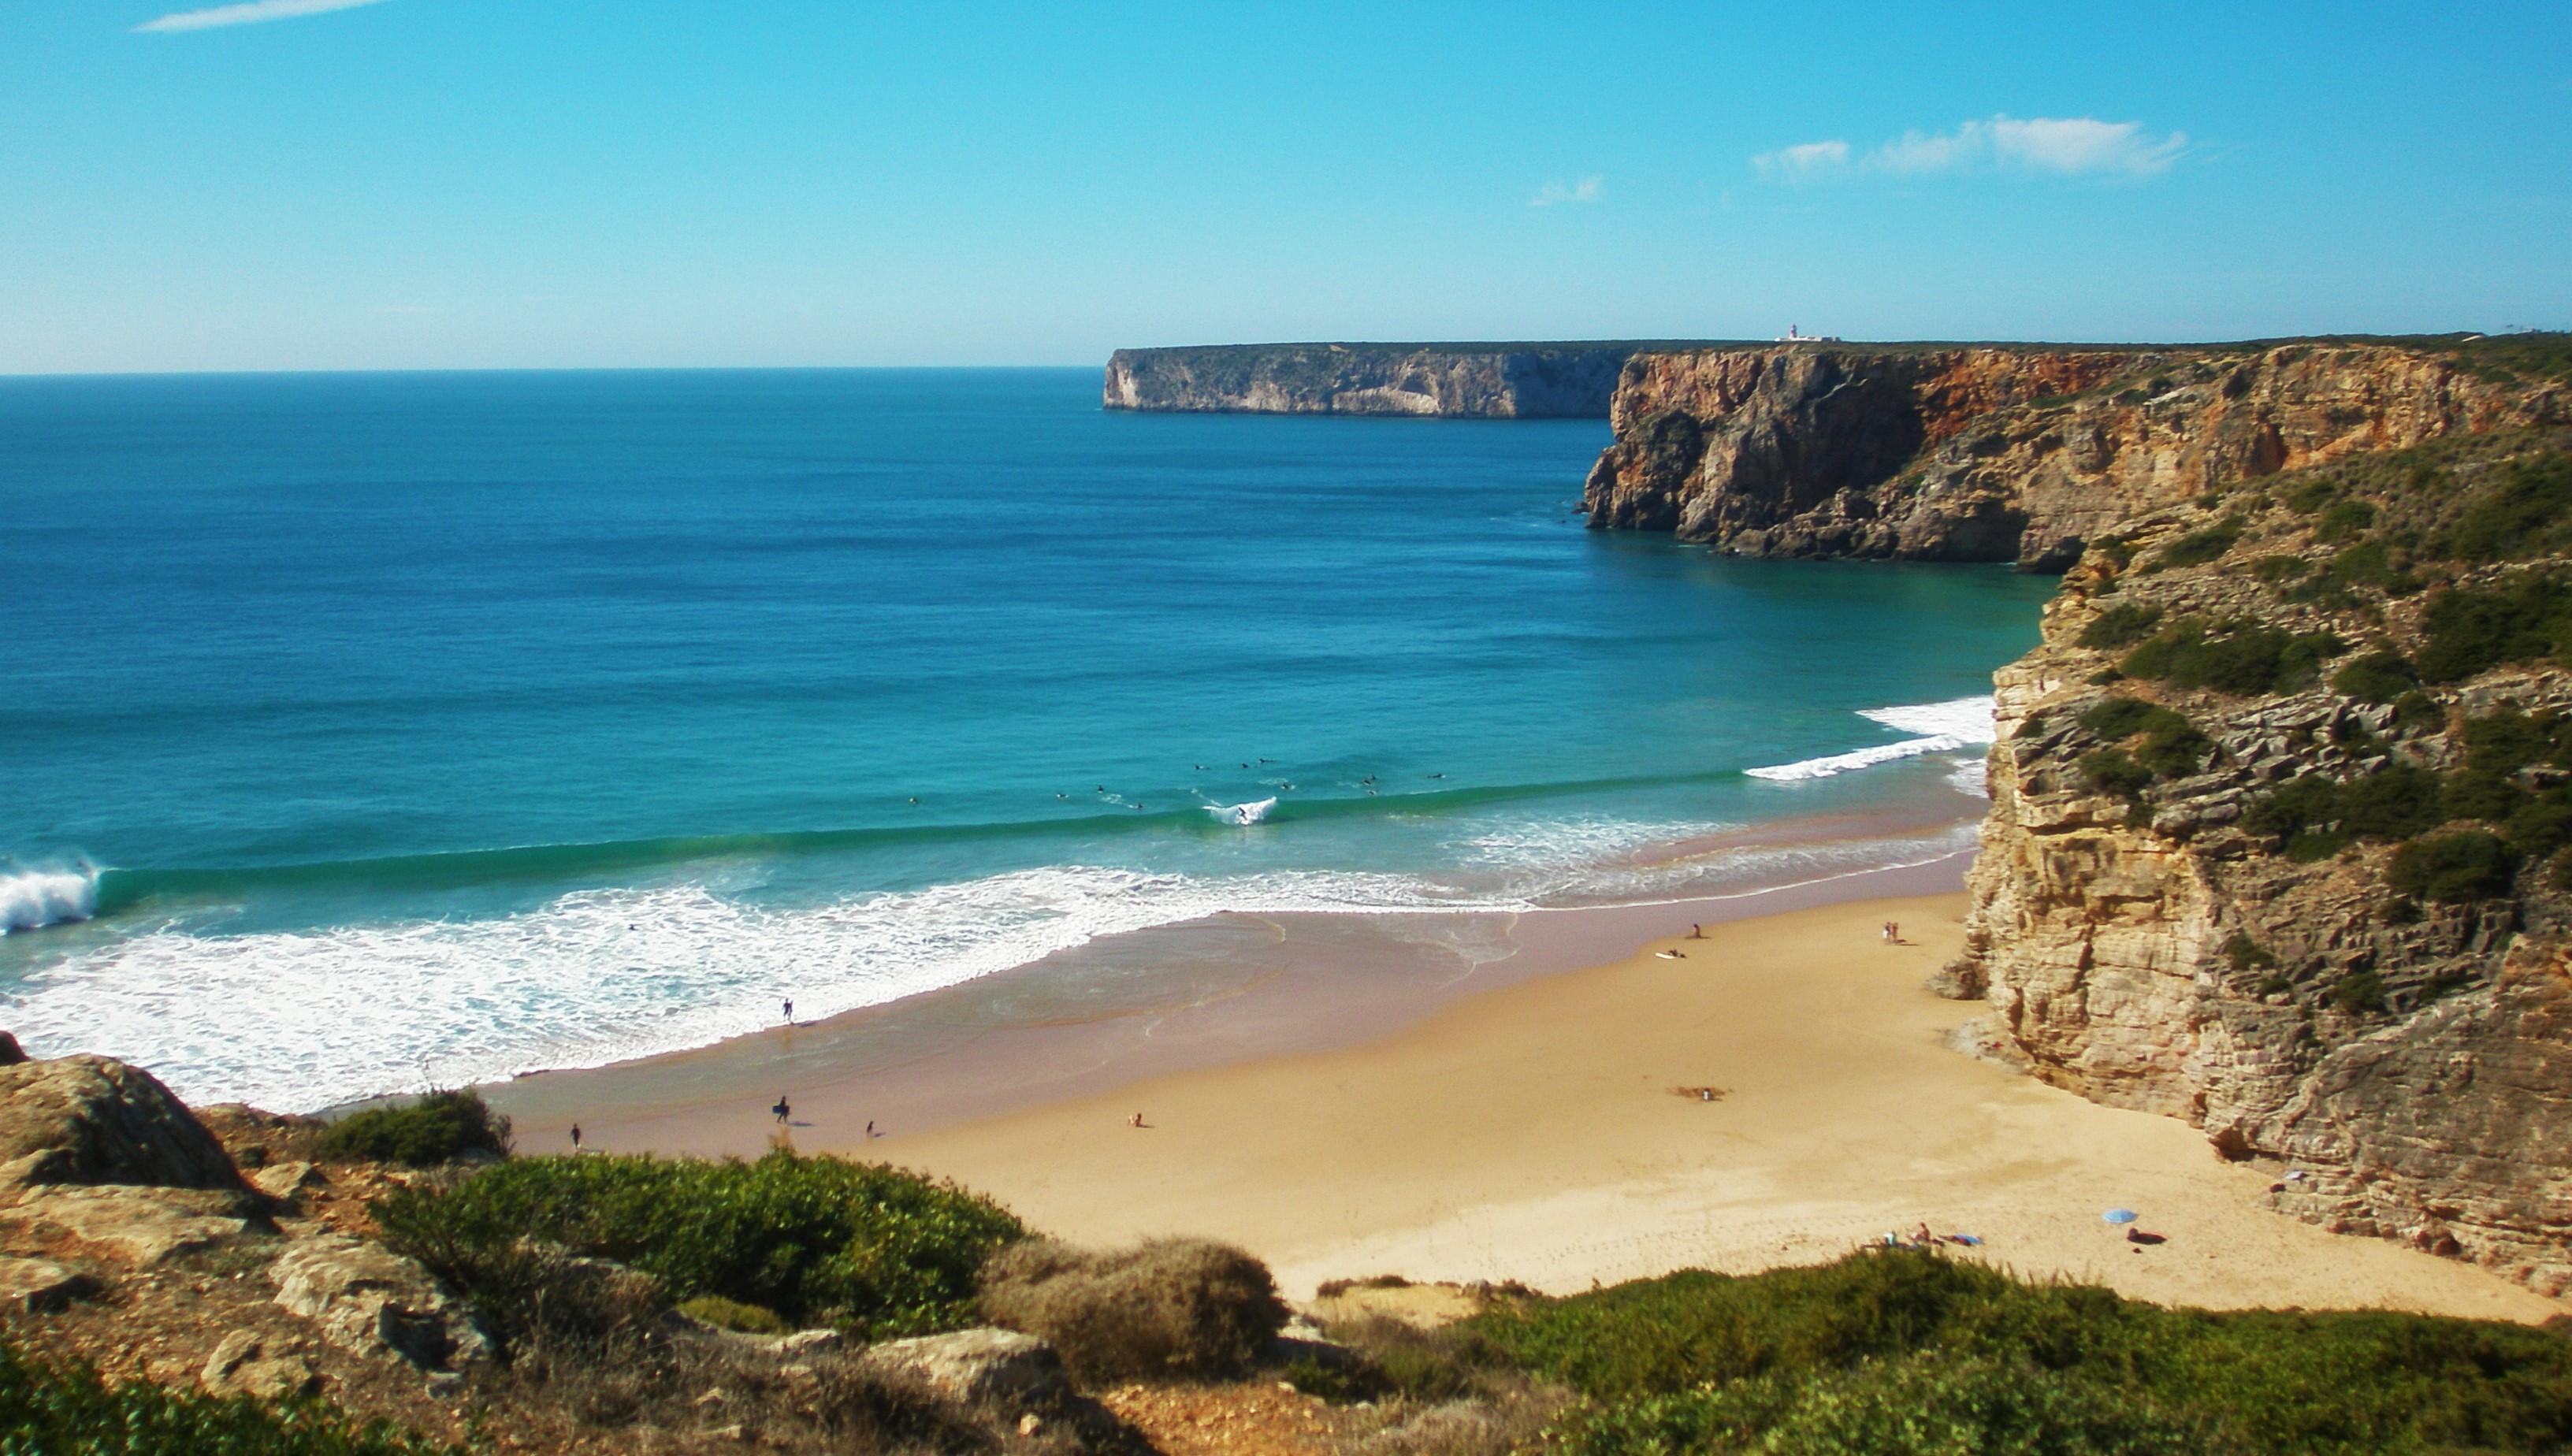 ZAREZEWUJ SURF CAMP DO KONCA MARCA / TERMIN BOOKINGU CZERWIEC / DOSTAN ZNIZKE 15%